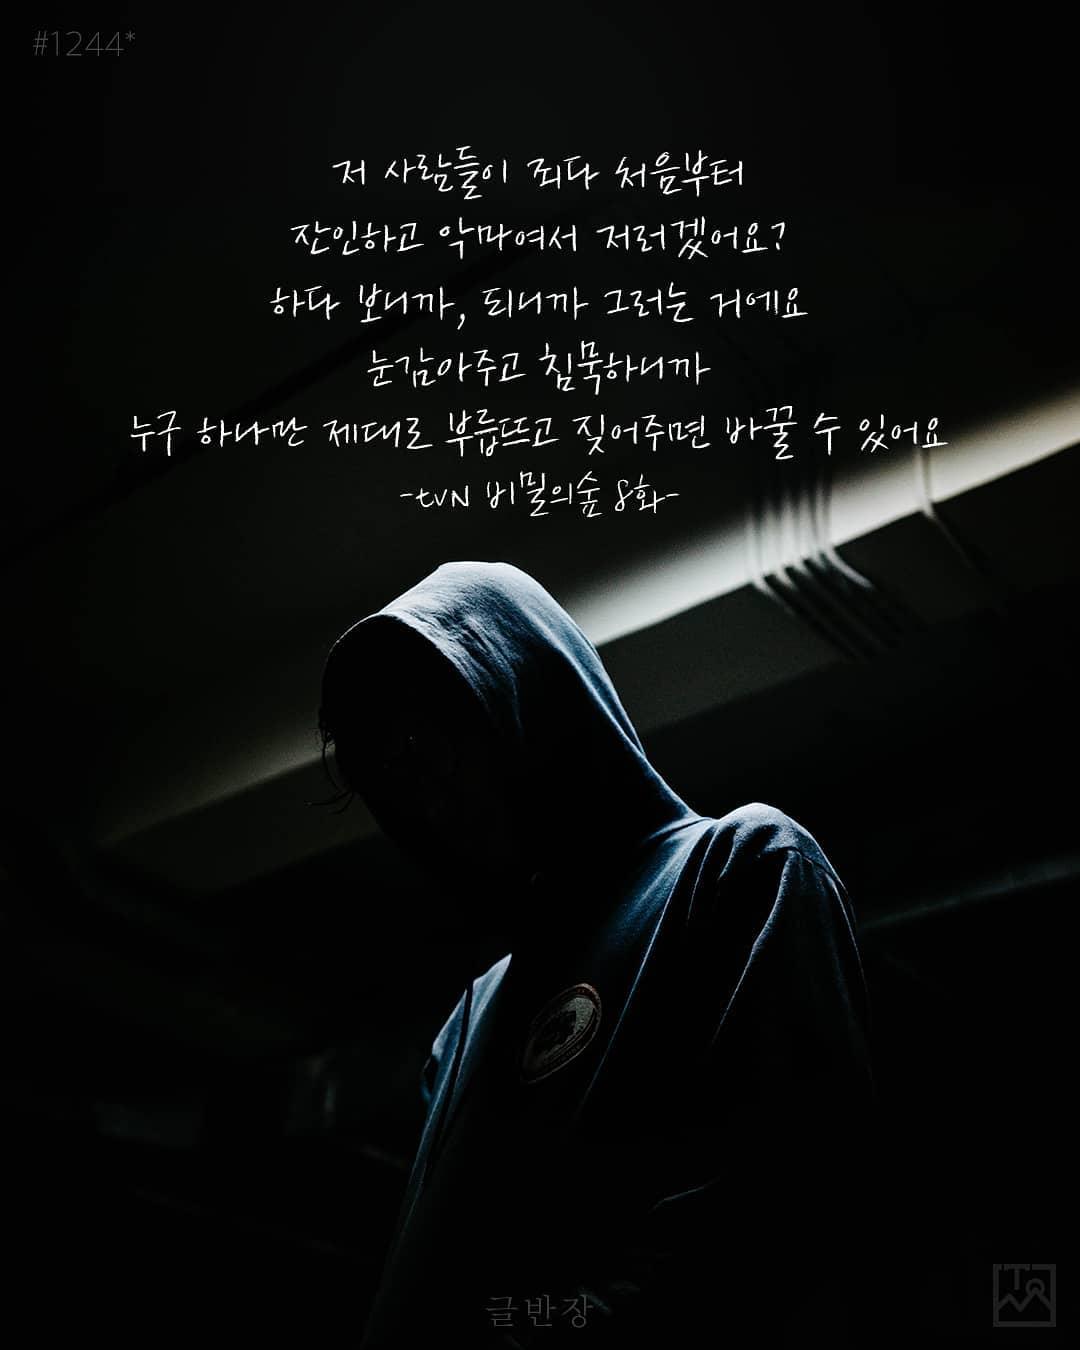 누구 하나만 제대로 부릅뜨고 짖어주면 바꿀 수 있어요 - tvN 비밀의 숲 8화